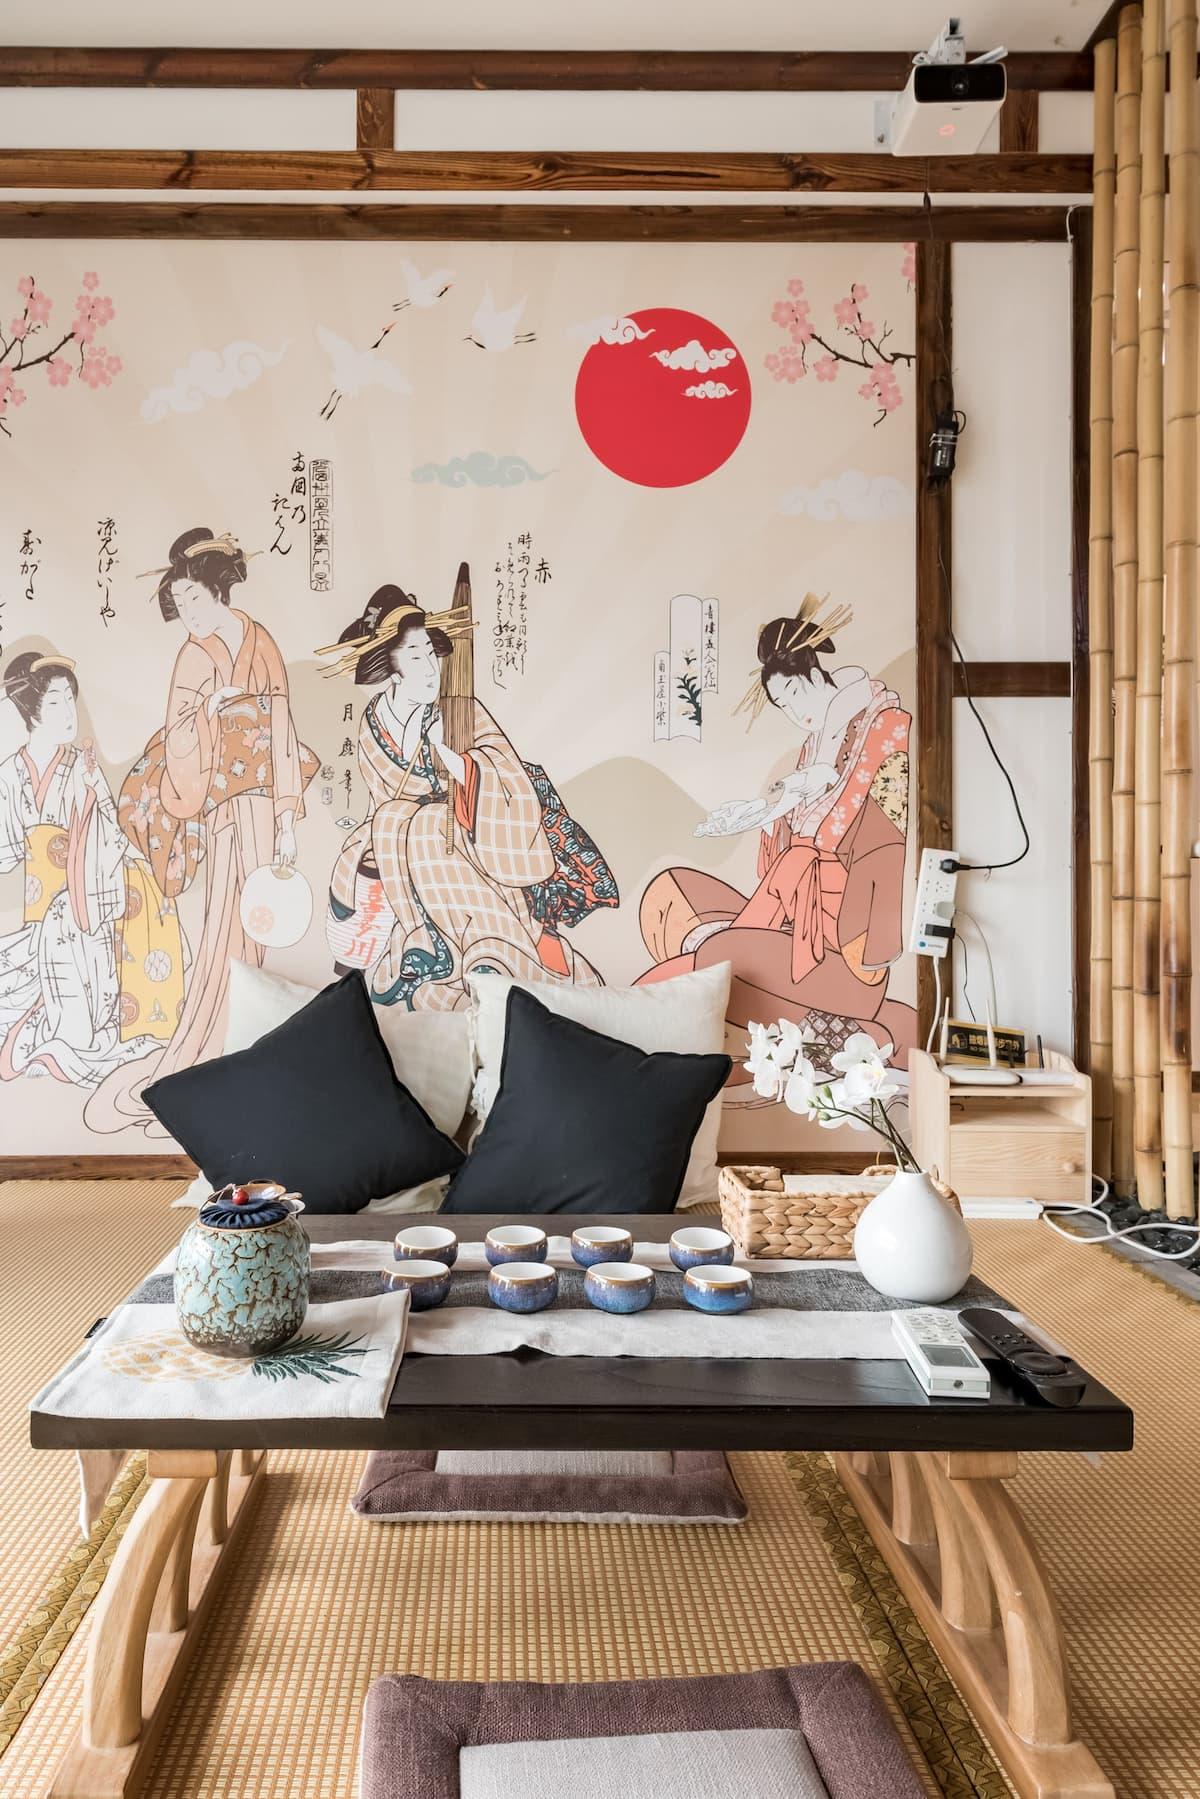 入住江景日式复古房,纵情享受山城白天的热辣和夜晚的绚丽